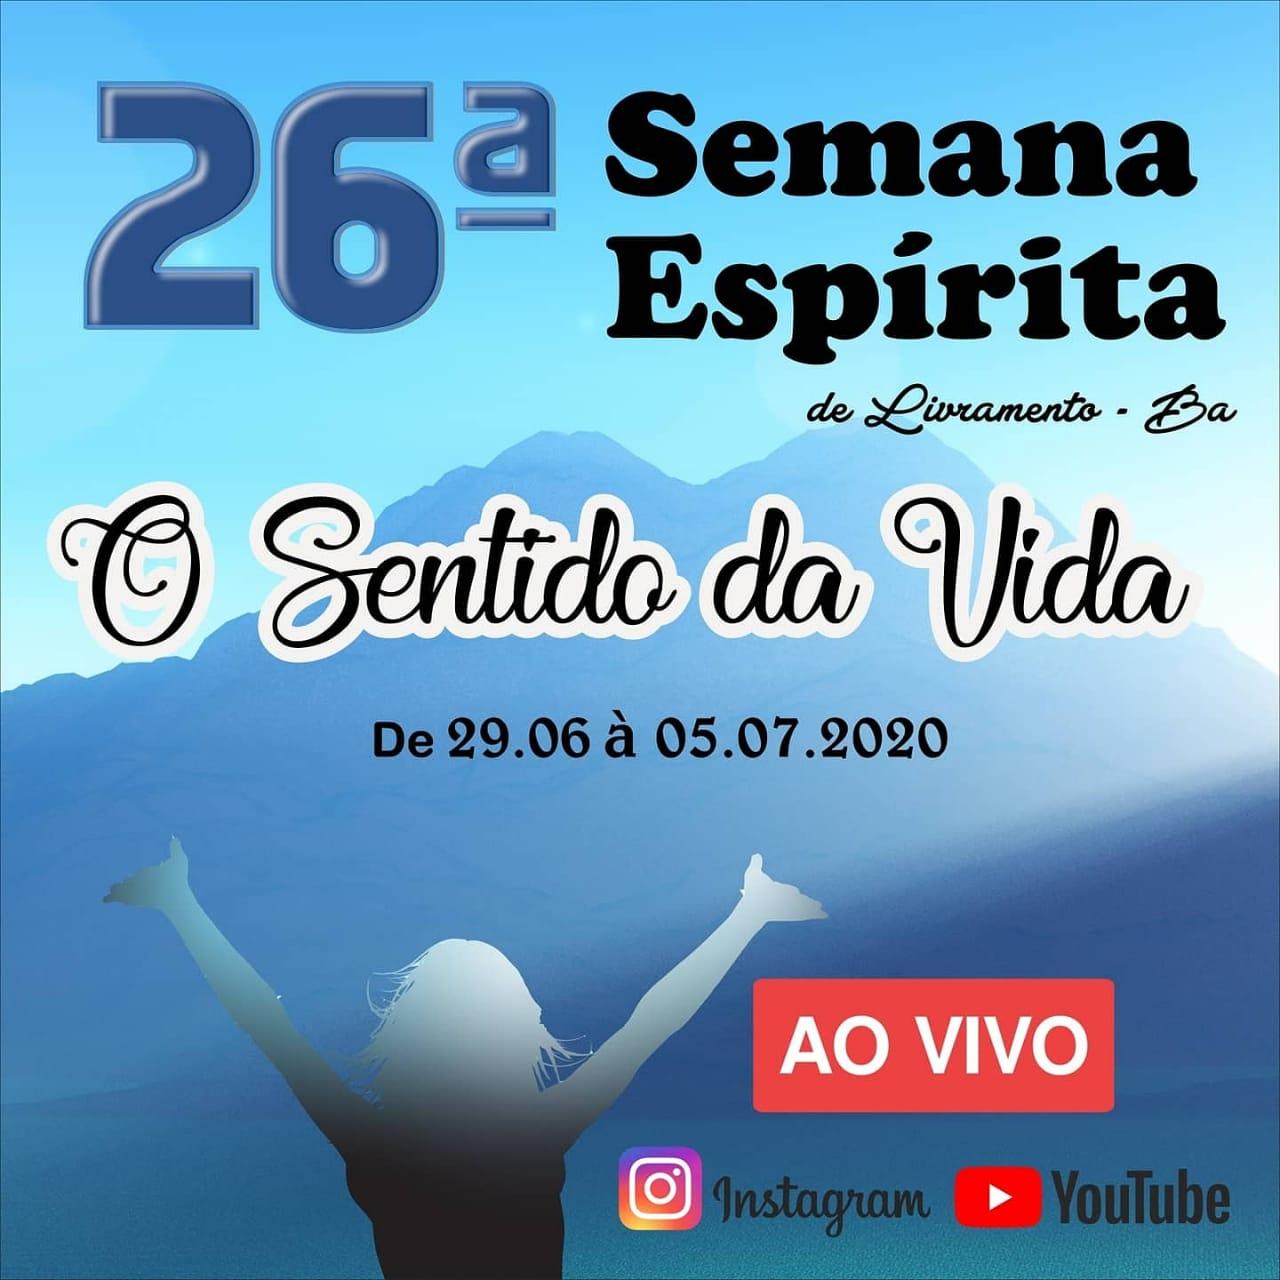 Centro Espírita de Livramento cria redes sociais para transmissão da 26ª Semana Espírita